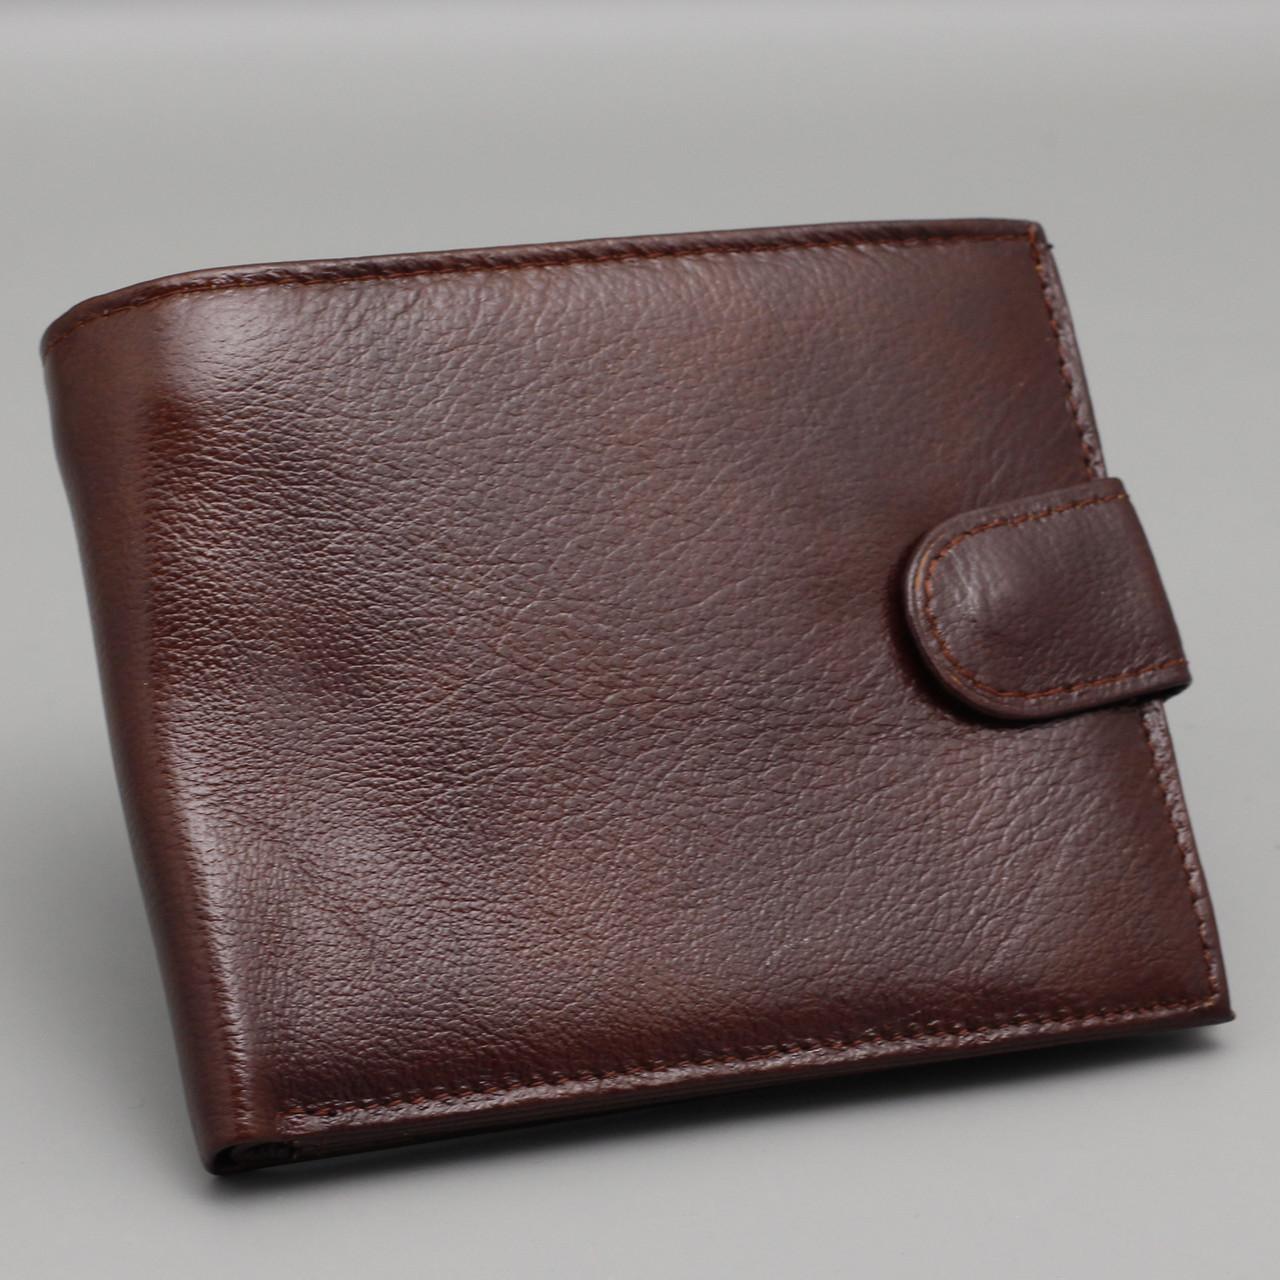 d769c348 Купить Кошелек мужской кожаный коричневый Vera Pelle в Харькове от ...